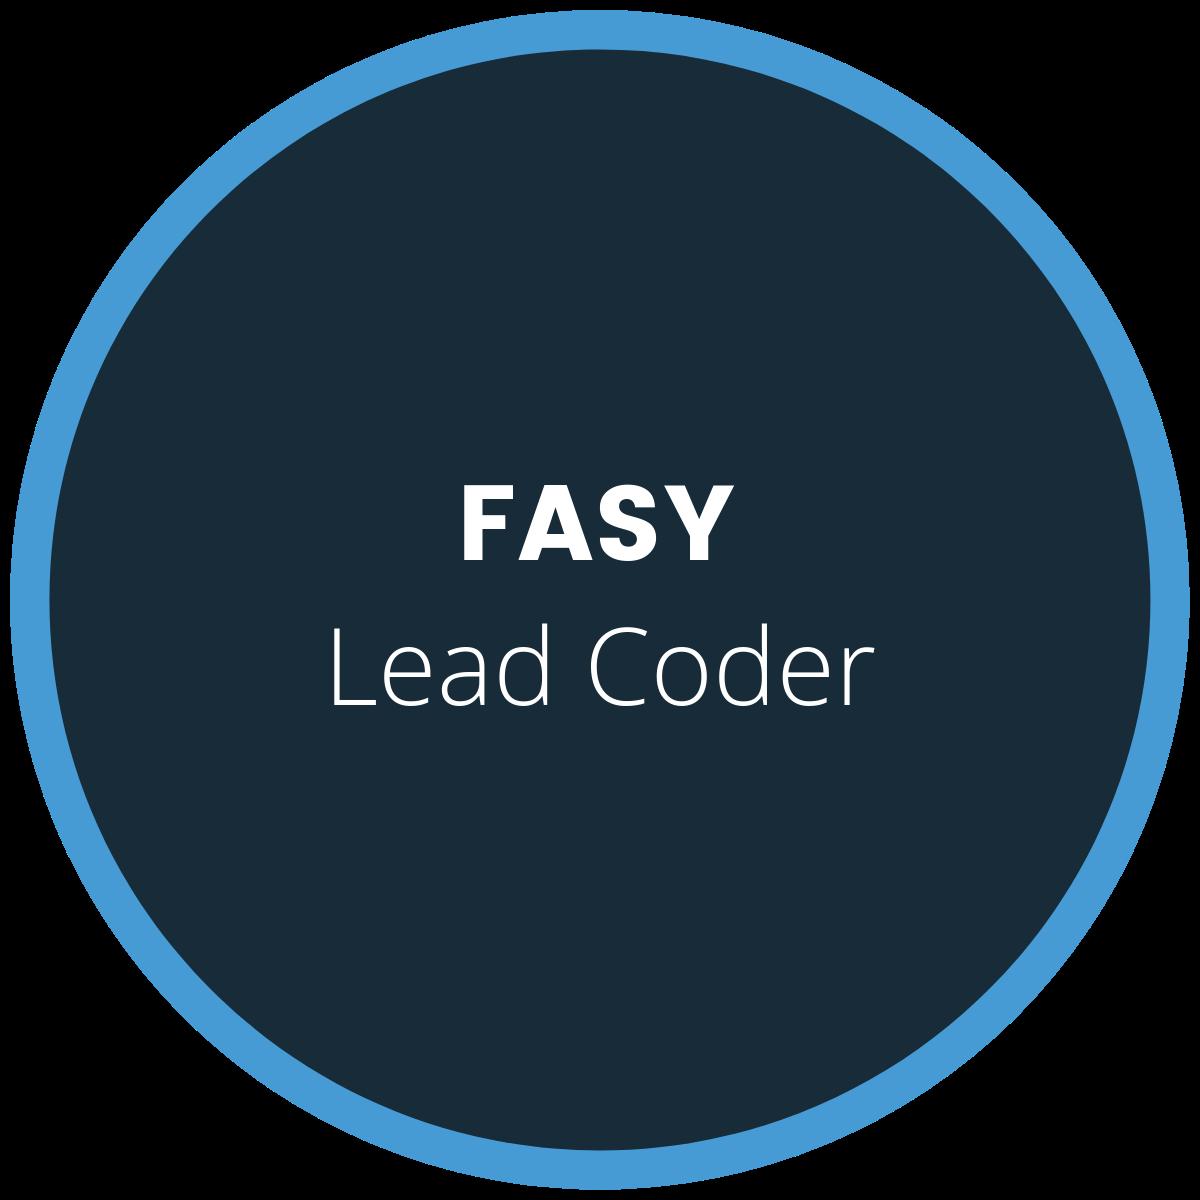 fasy-web4realty